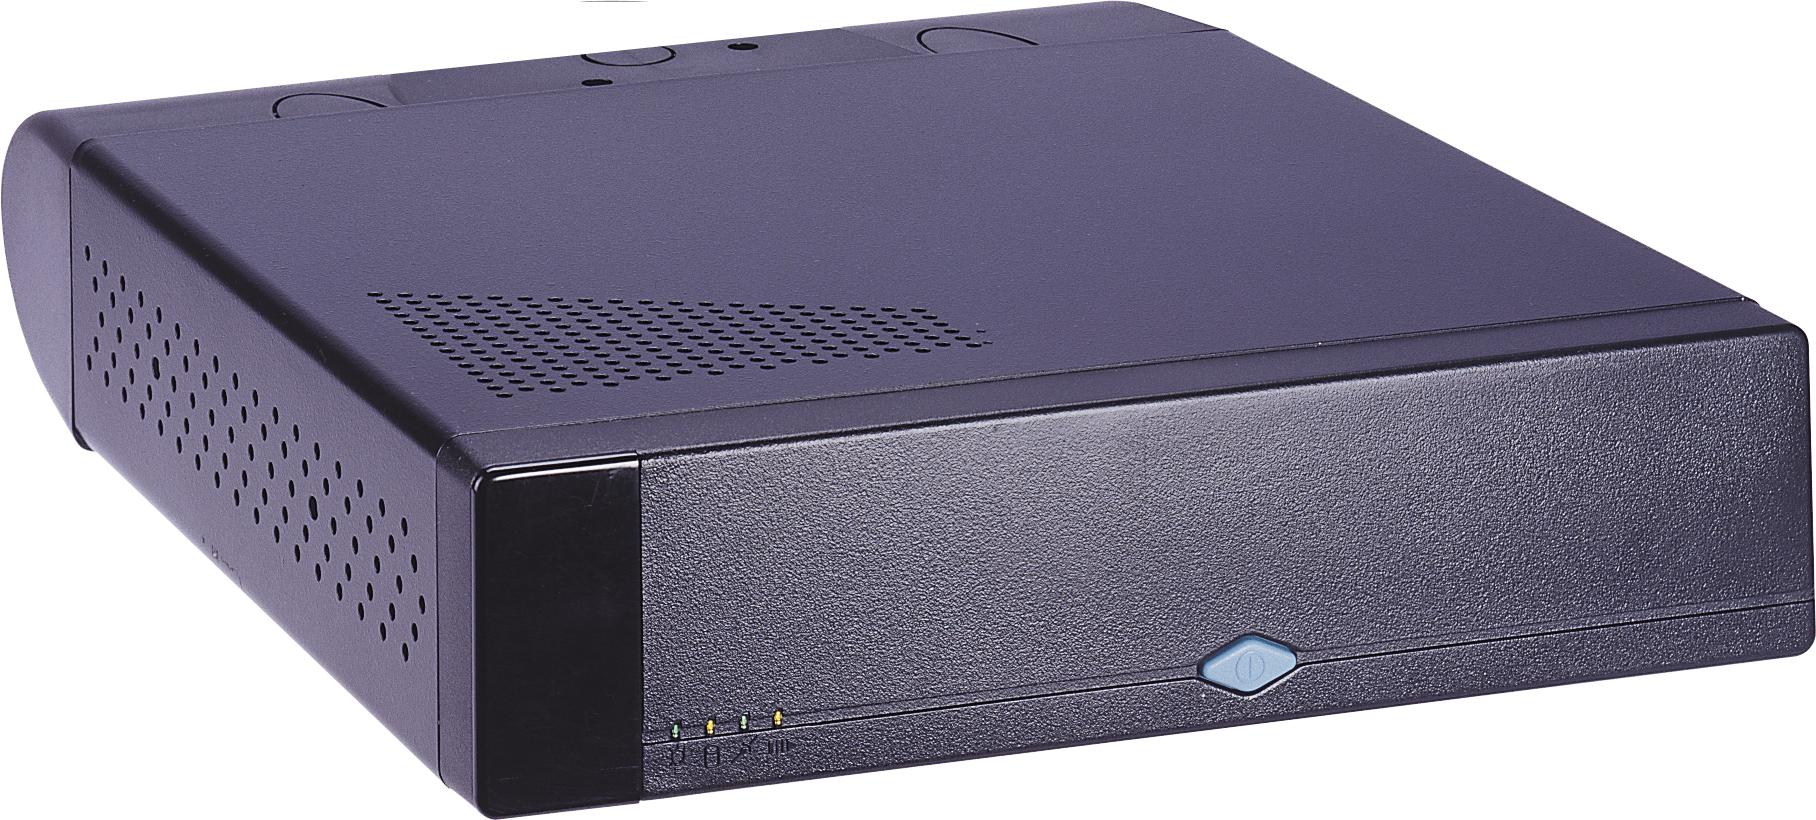 智慧型超薄電腦主機